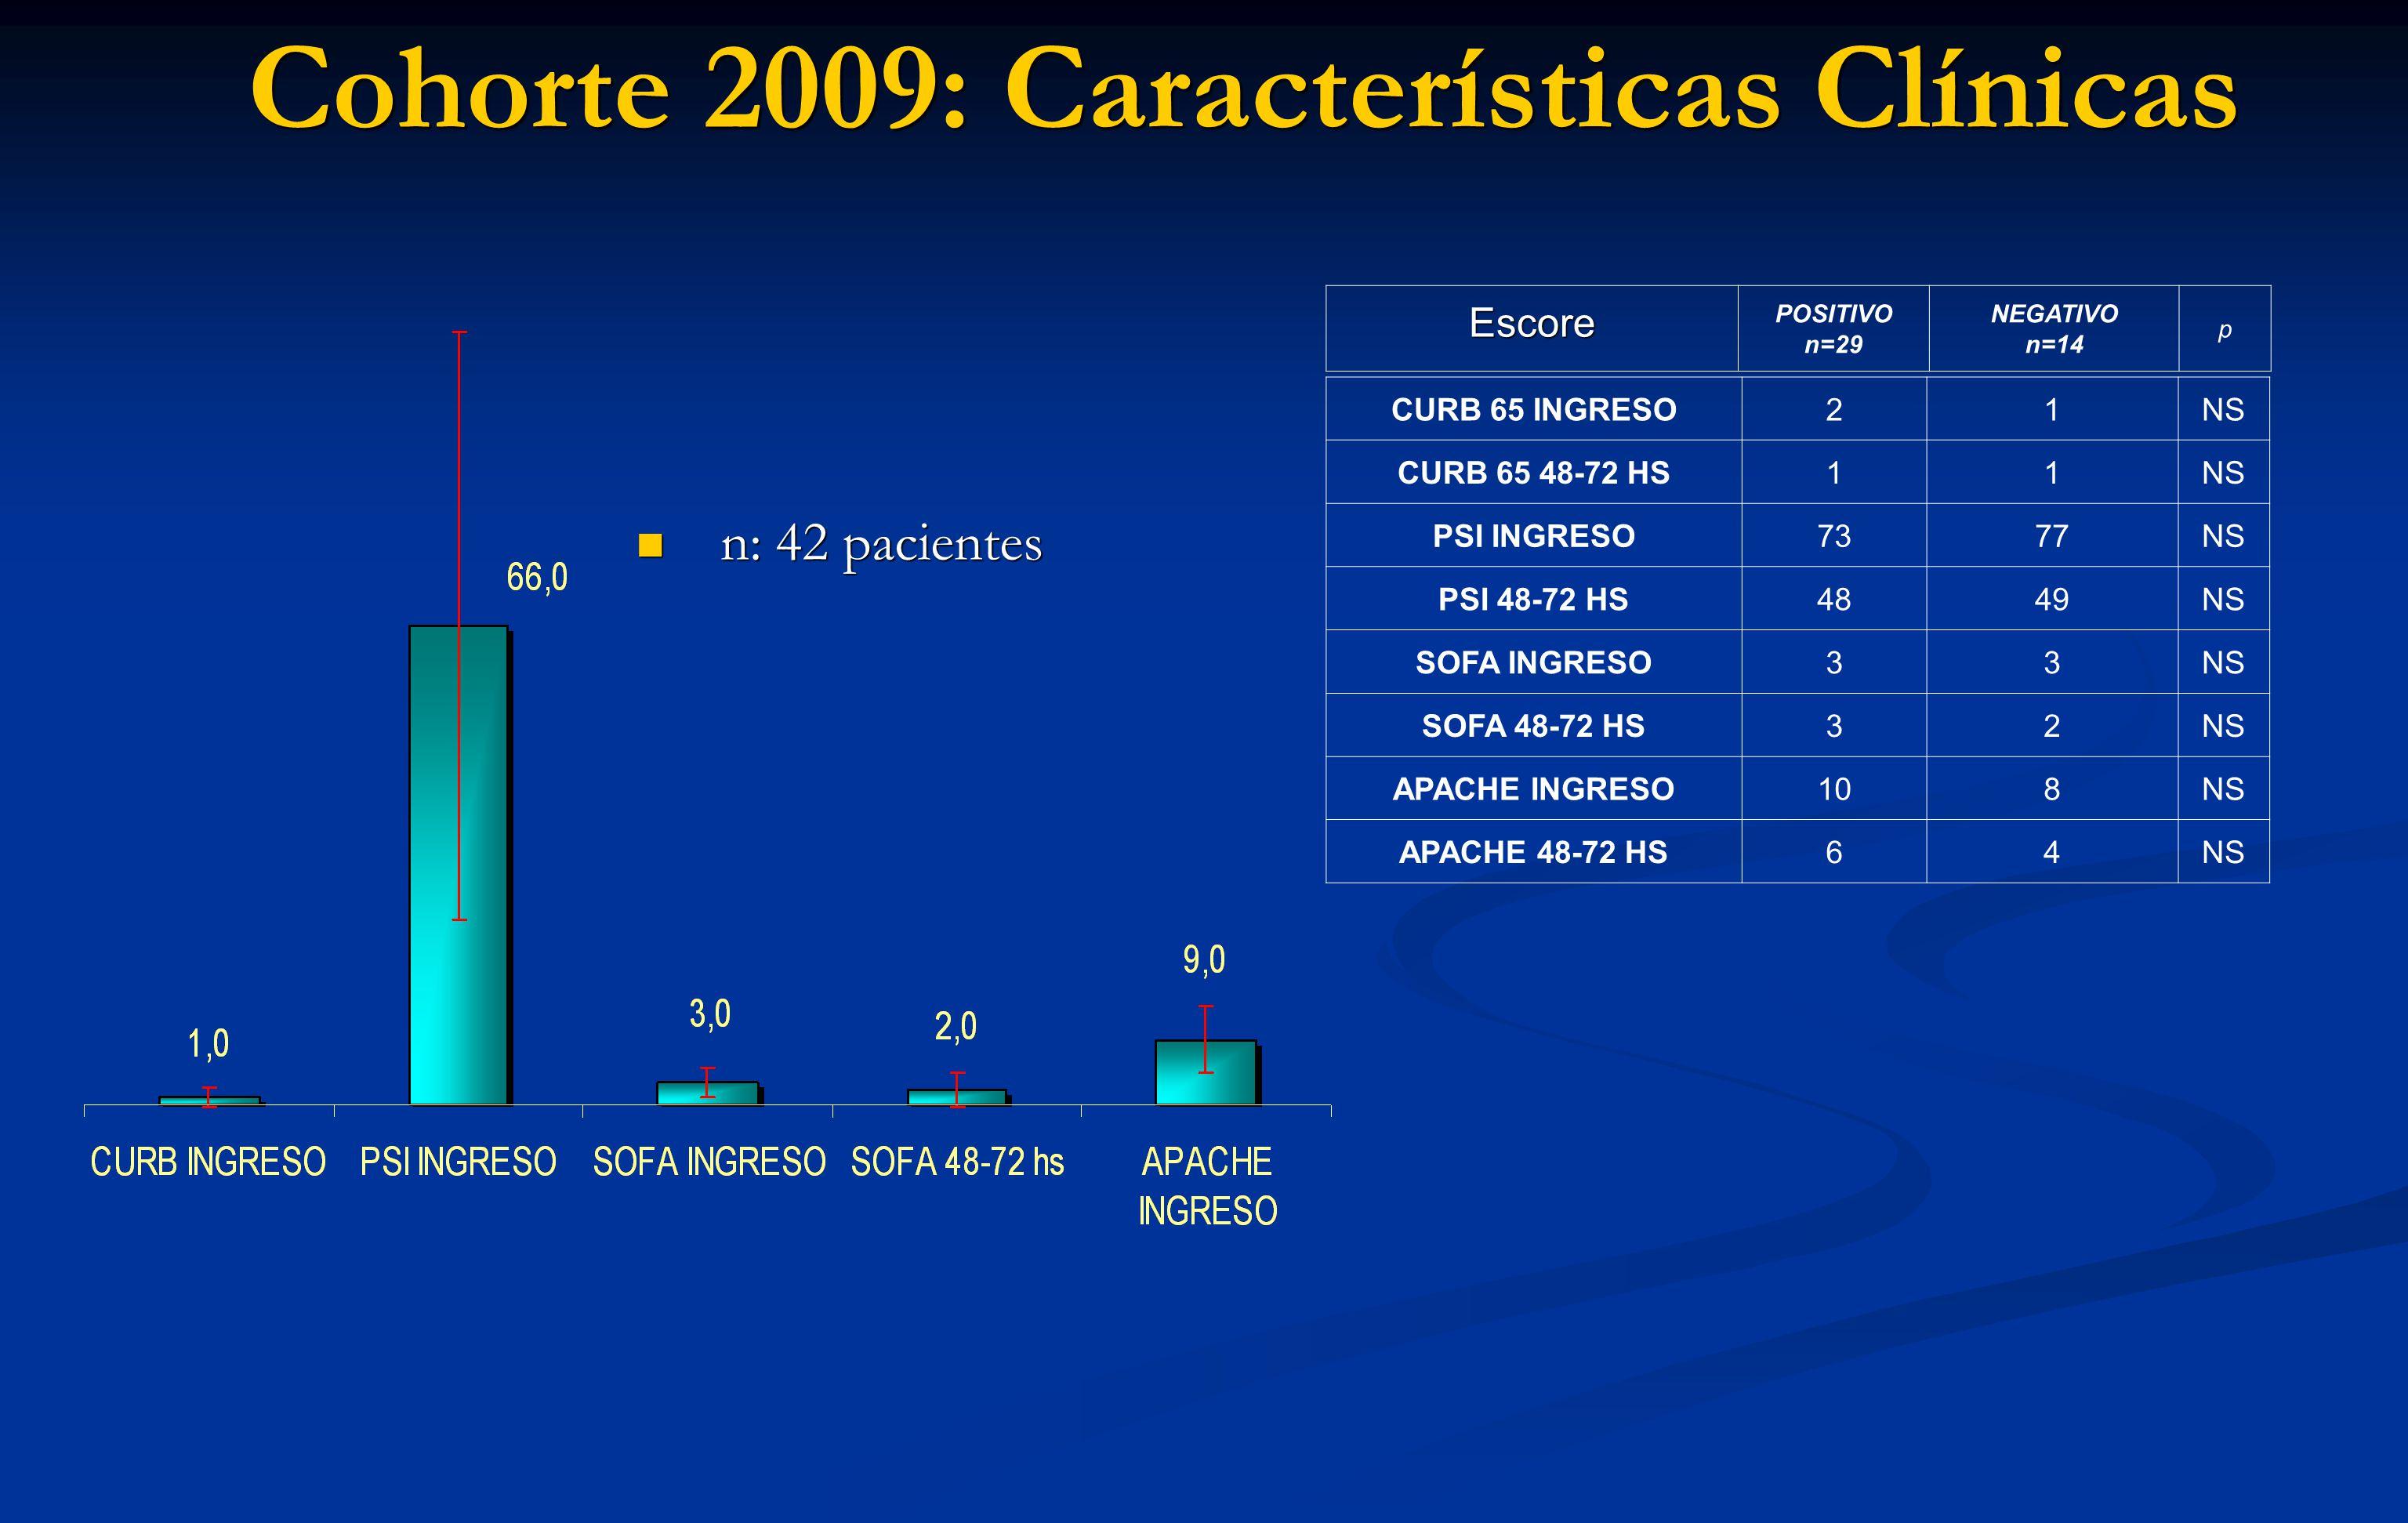 Cohorte 2009: Características Clínicas n: 42 pacientes n: 42 pacientesEscore POSITIVO n=29 NEGATIVO n=14 p CURB 65 INGRESO21NS CURB 65 48-72 HS11NS PS